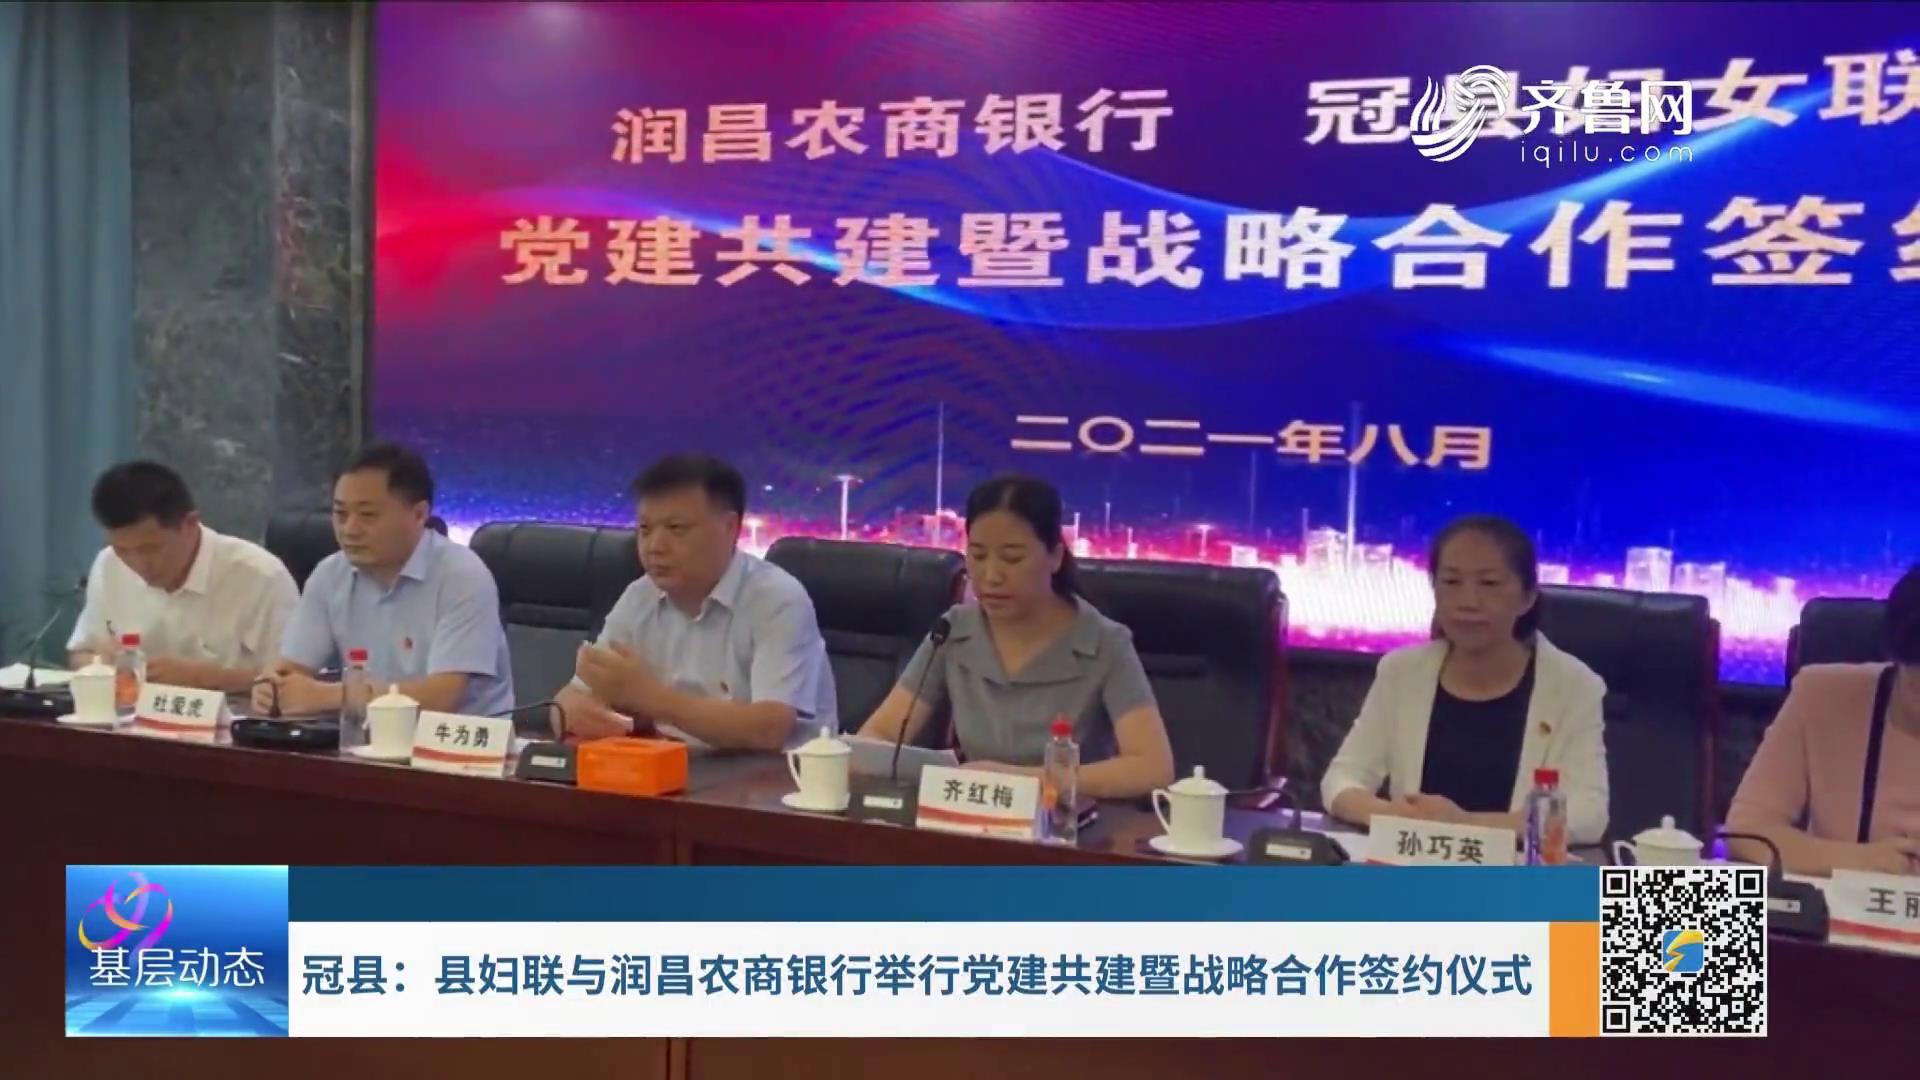 冠县:县妇联与润昌农商银行举行党建共建暨战略合作签约仪式